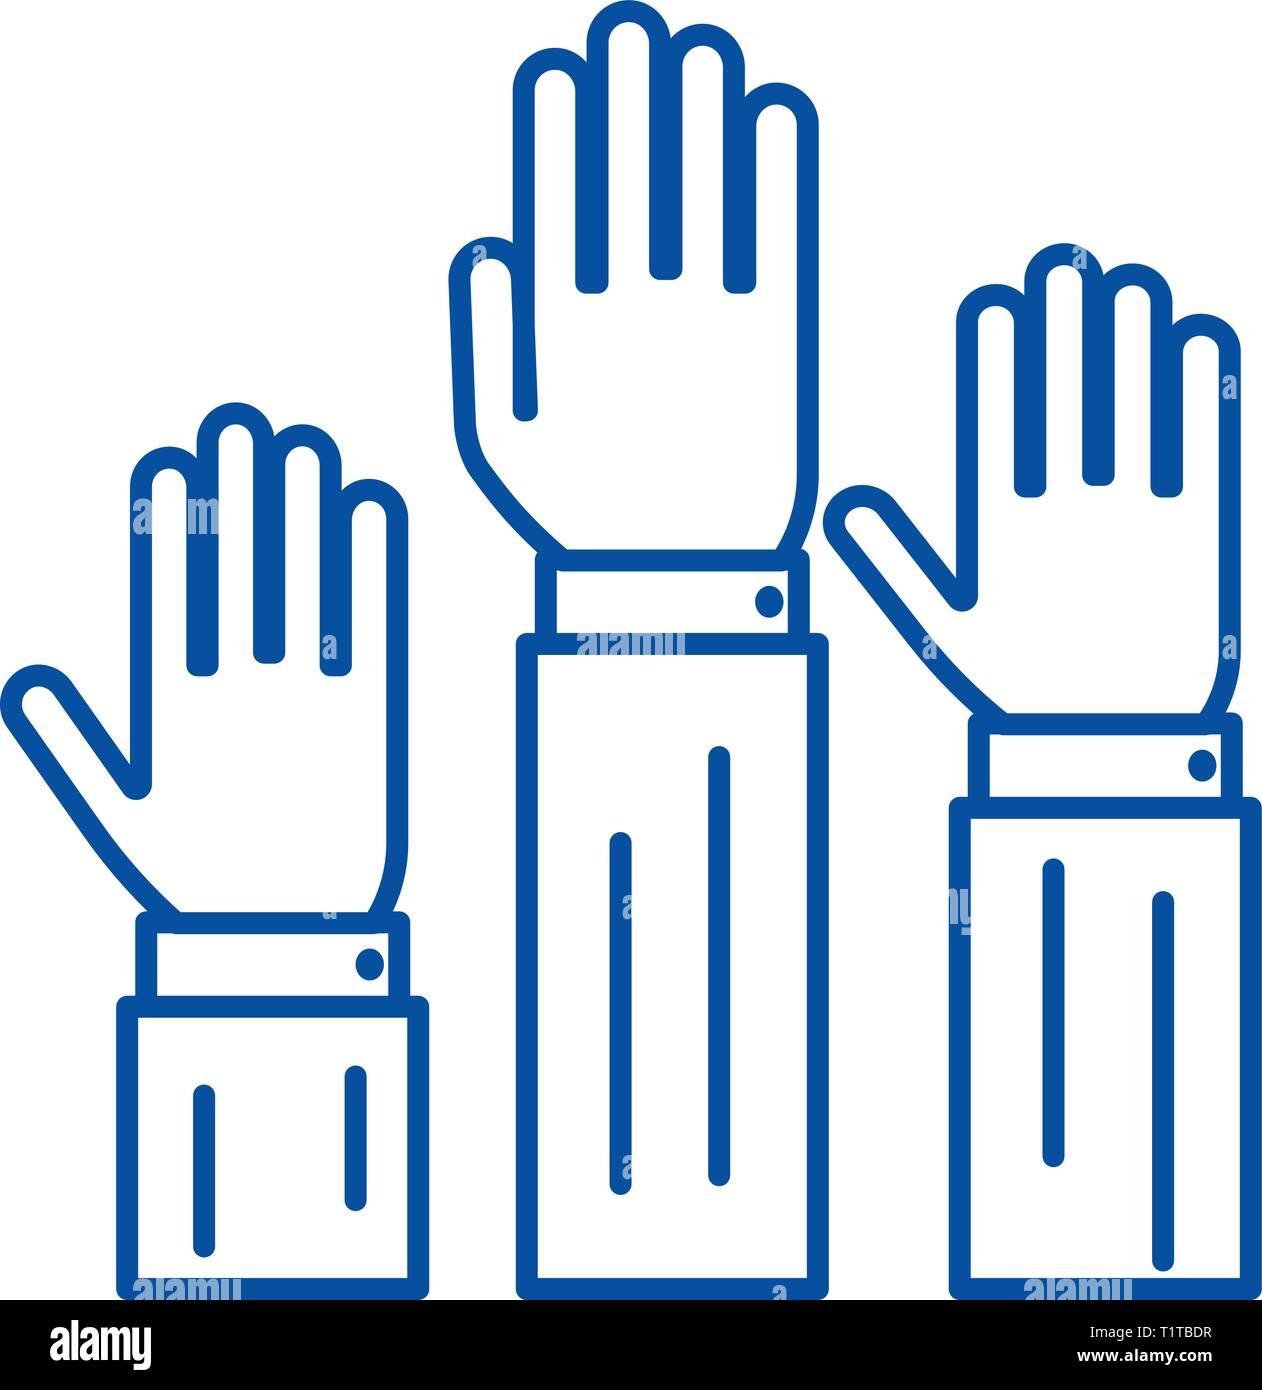 Diritti,tre mani fino icona linea concept. Diritti,tre mani fino piatto simbolo del vettore, segno, illustrazione di contorno. Illustrazione Vettoriale